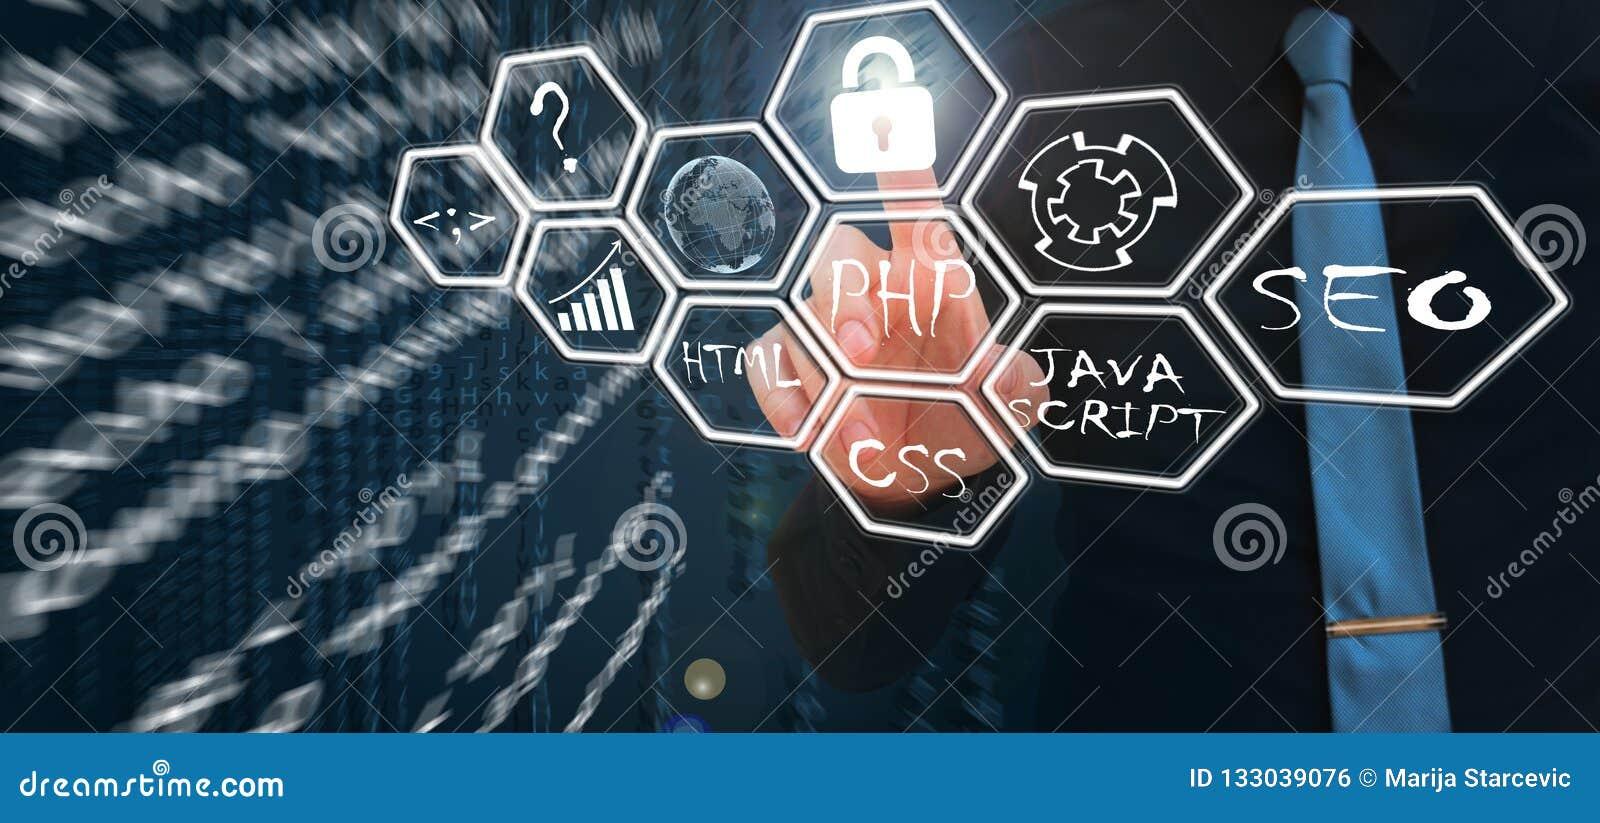 Concepto de las herramientas de desarrollo web en la pantalla virtual Lenguaje de programación y escrituras PHP, HTML, CSS, Java